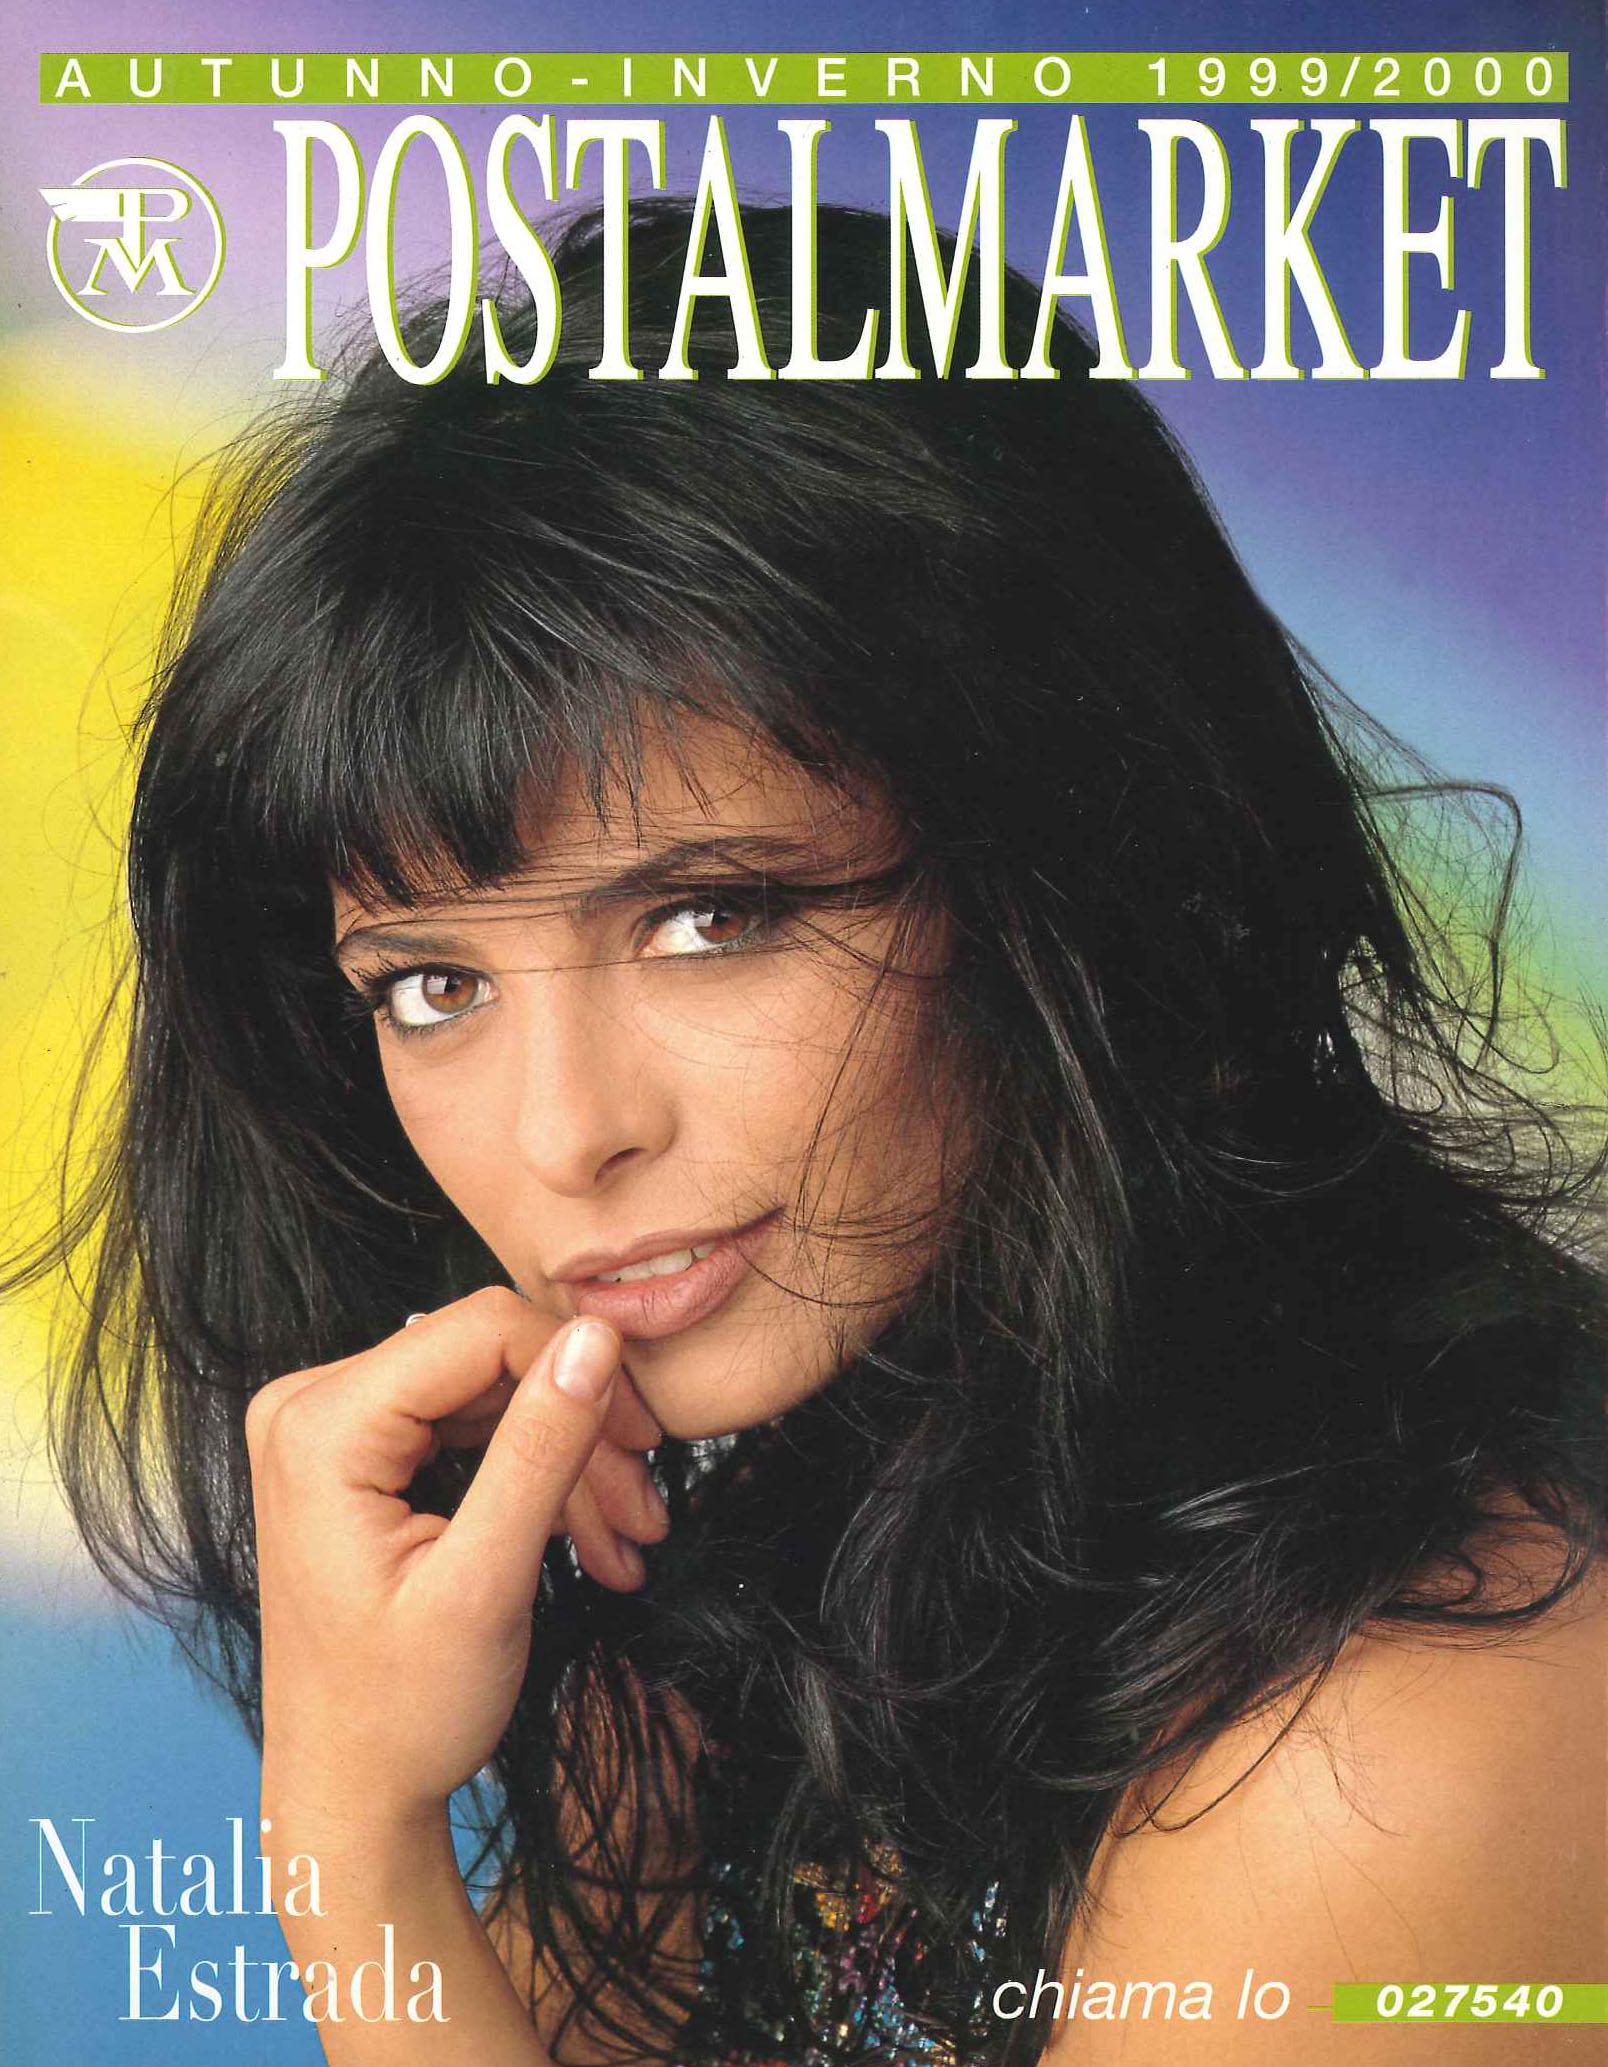 Vestro Postal Market natalia estrada